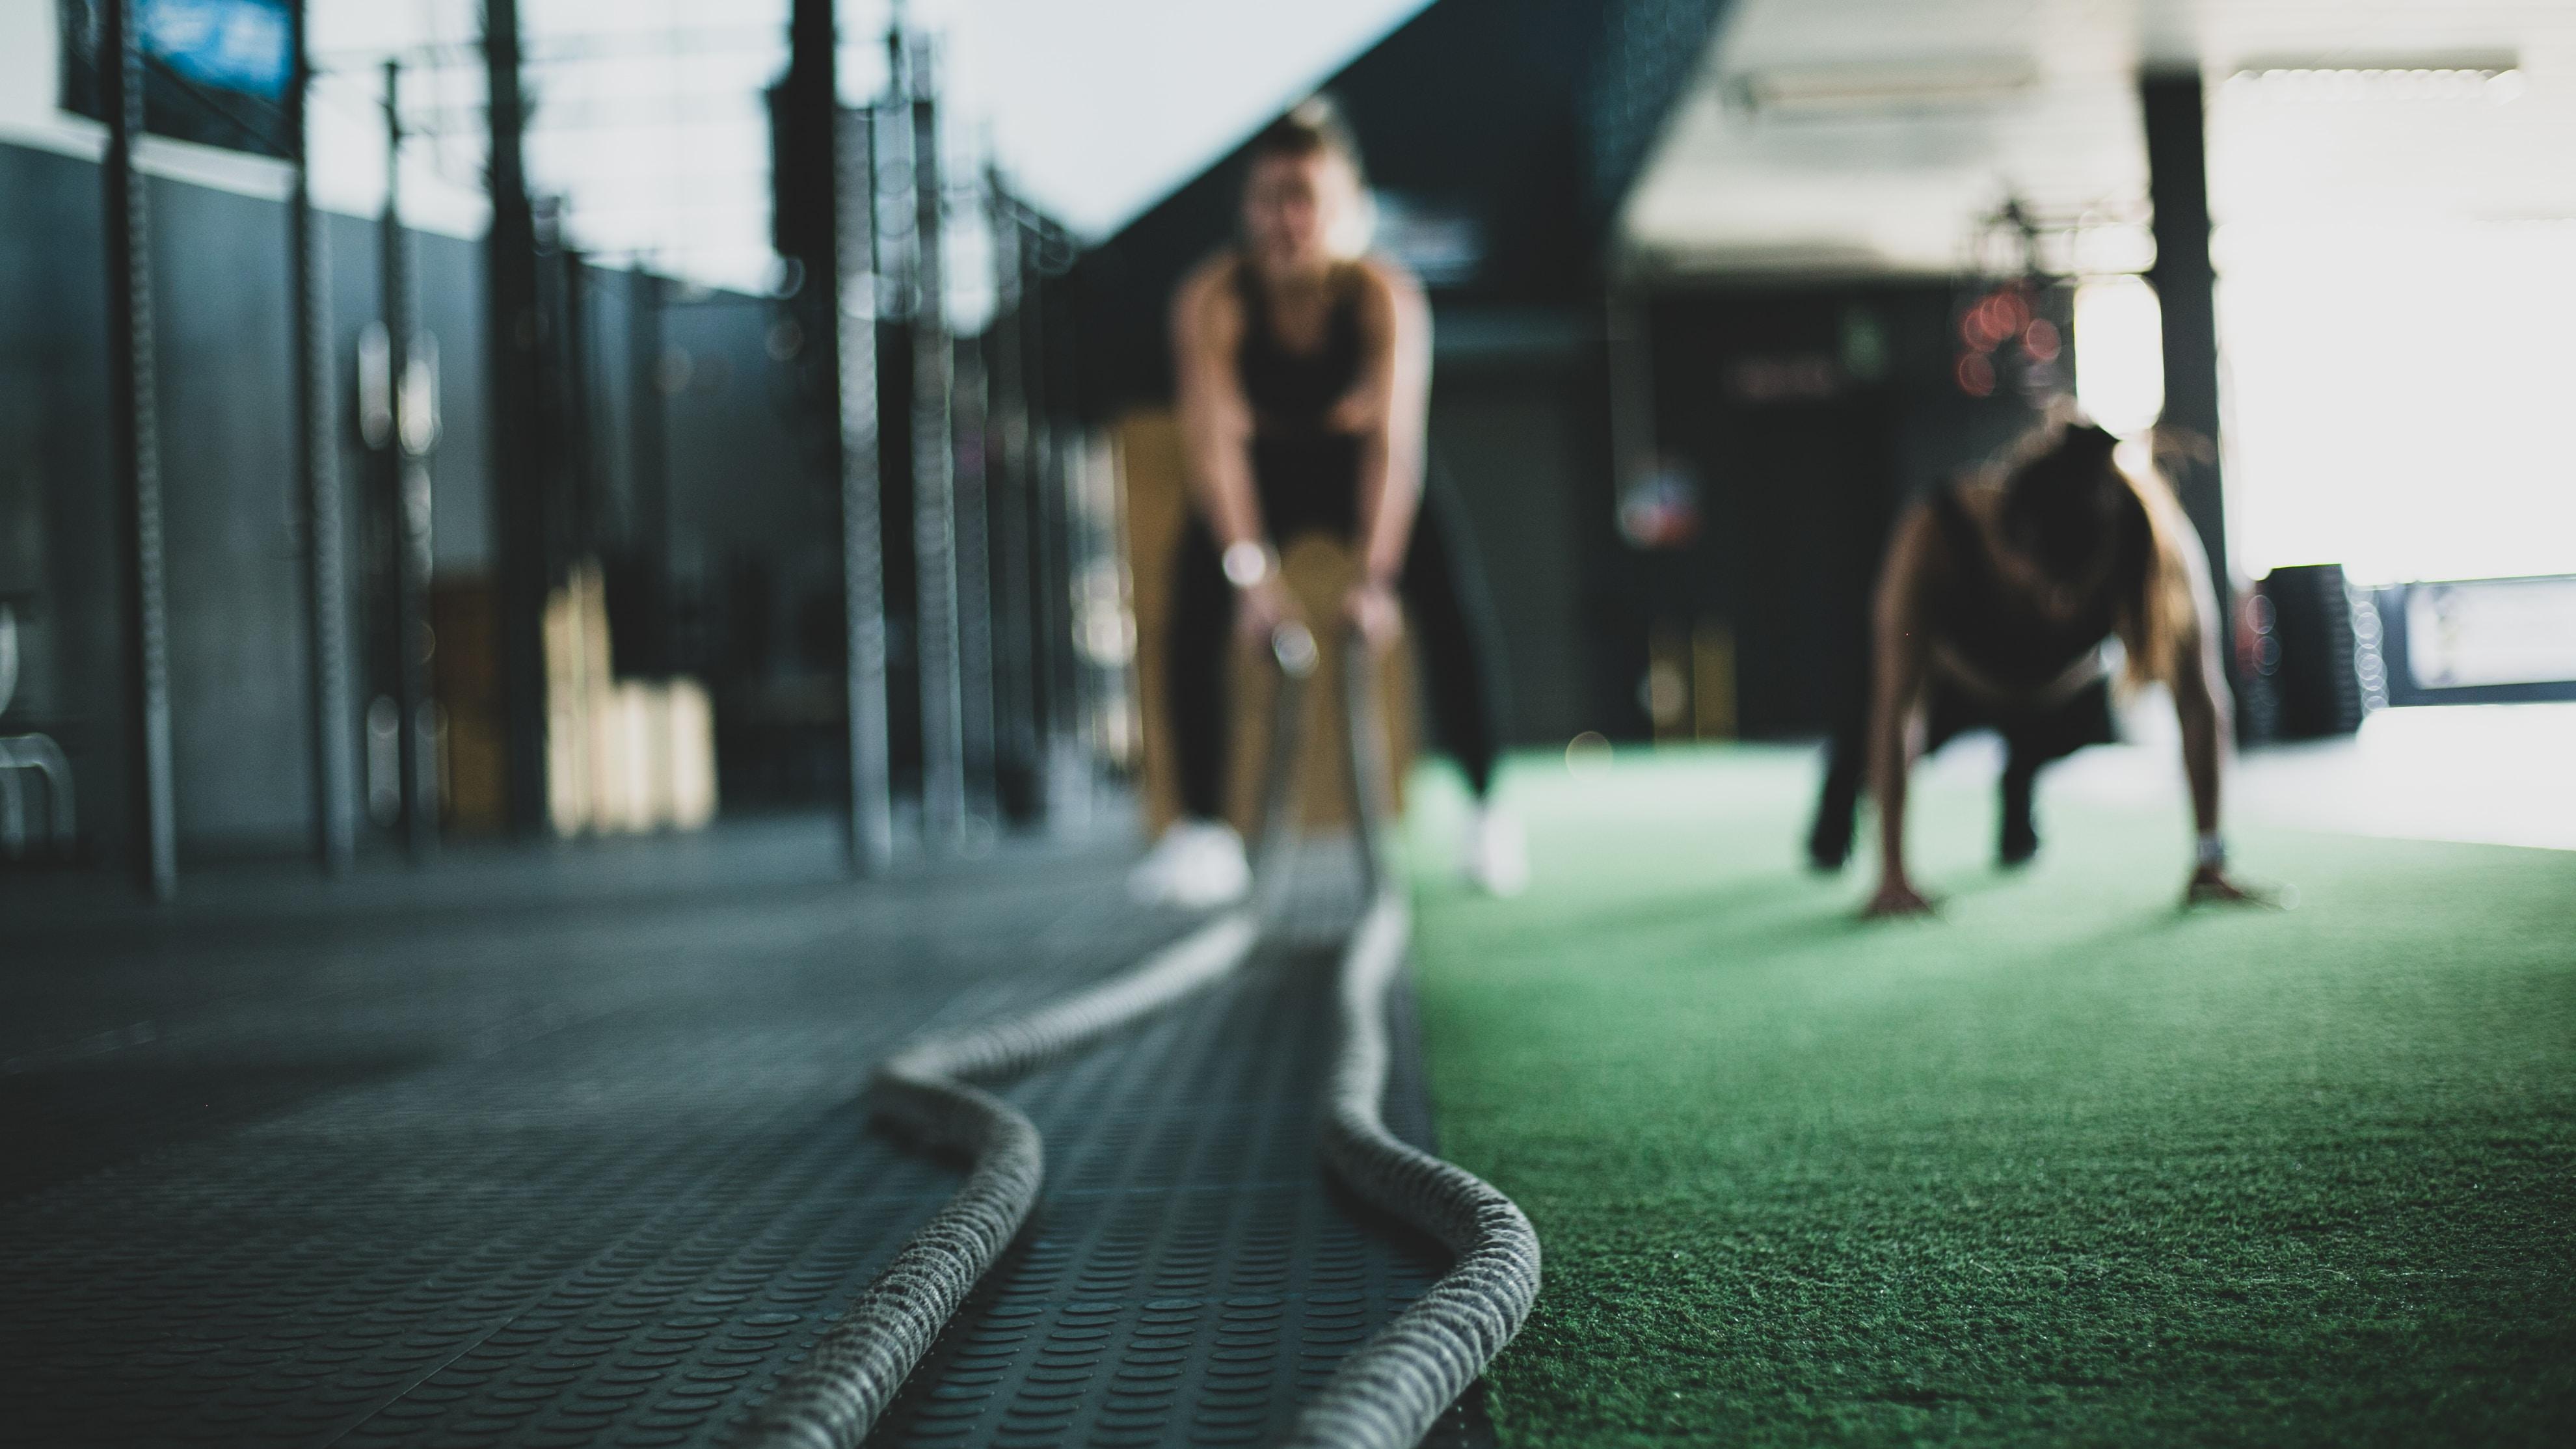 Freeletics: Trainieren mit dem eigenen Körpergewicht